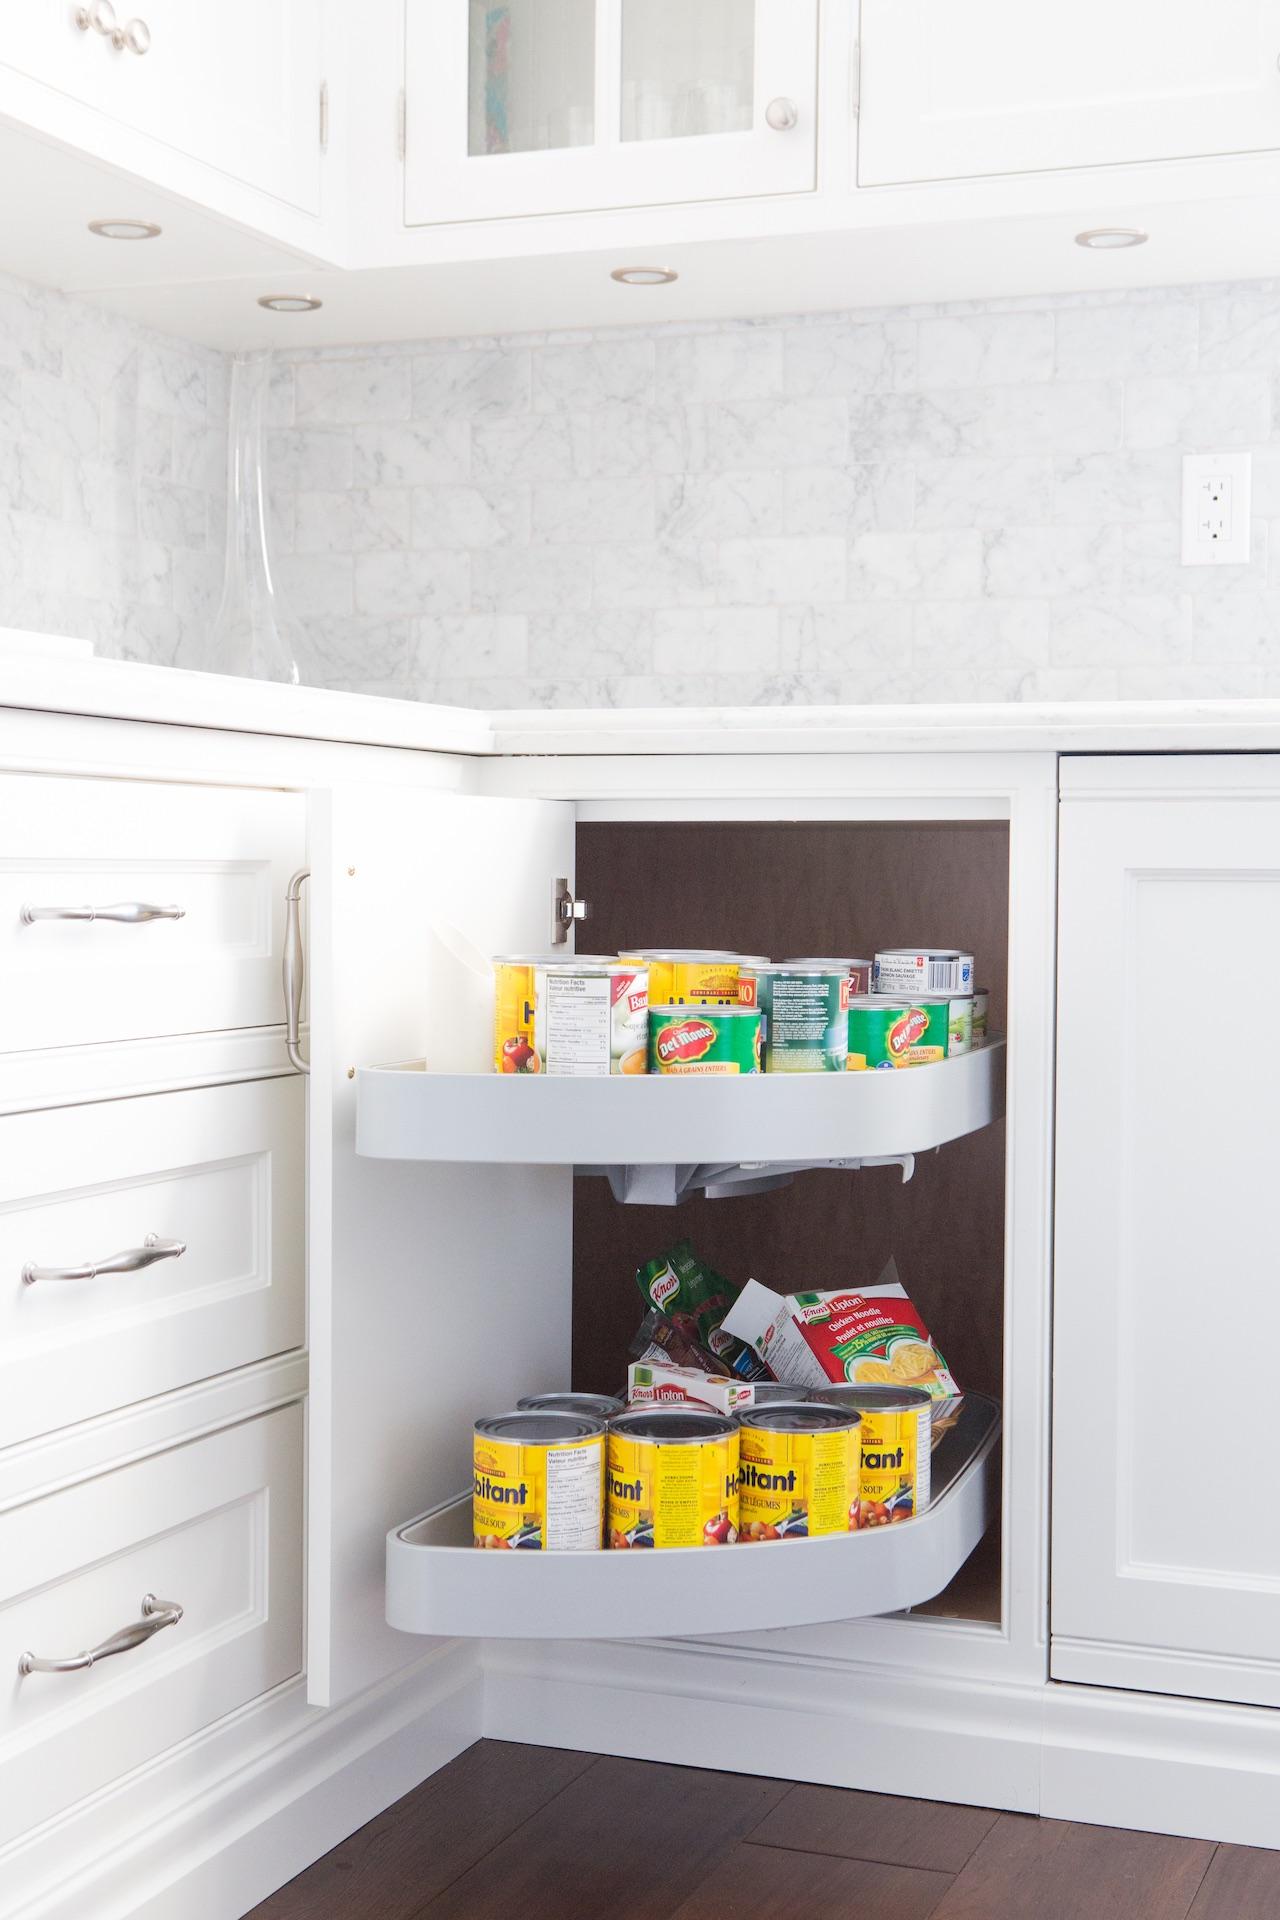 NIICO kitchen pantry open